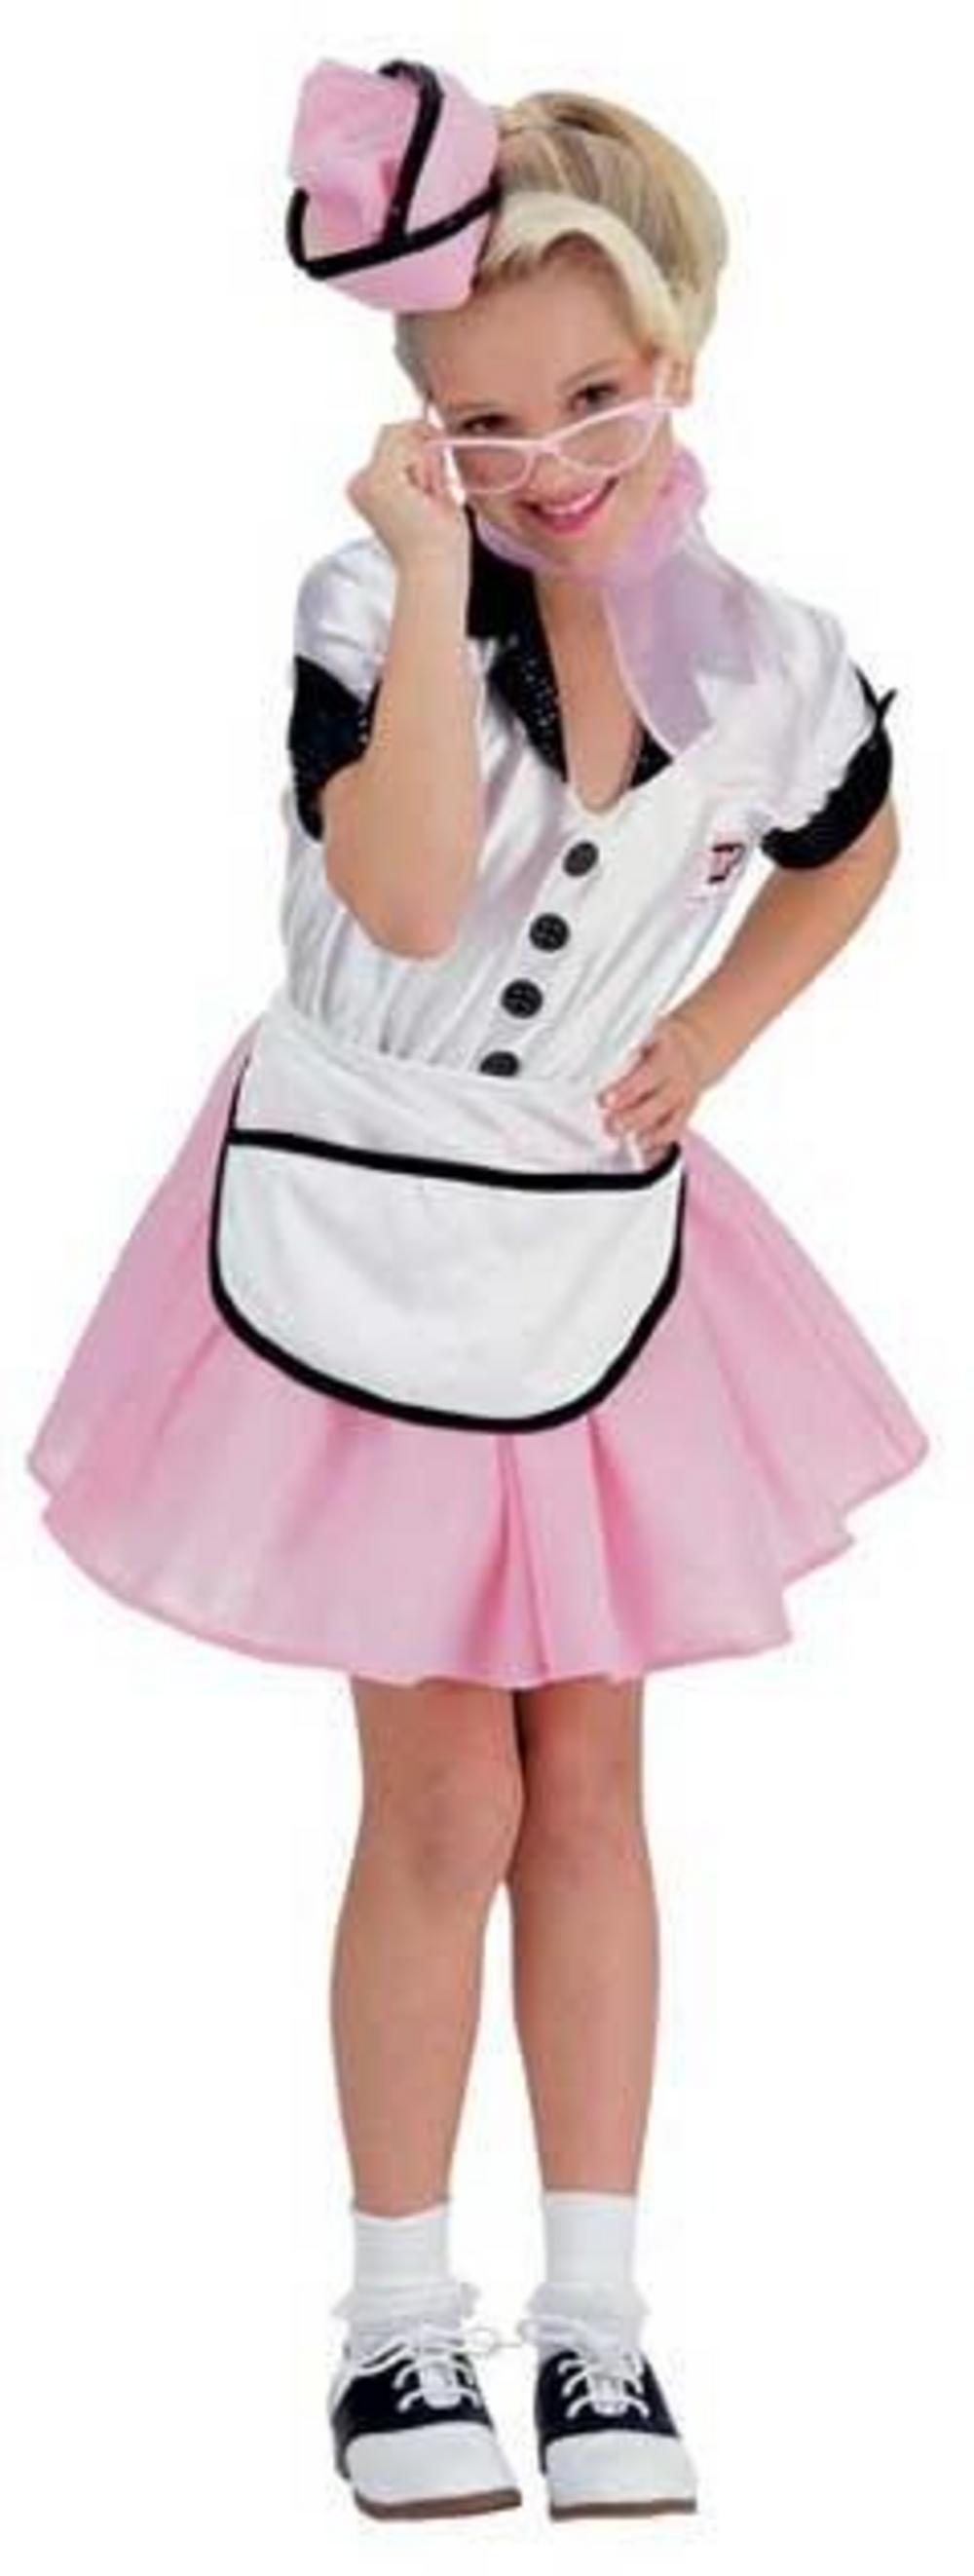 Diner Uniform Costume Pop Diner Girl Costume